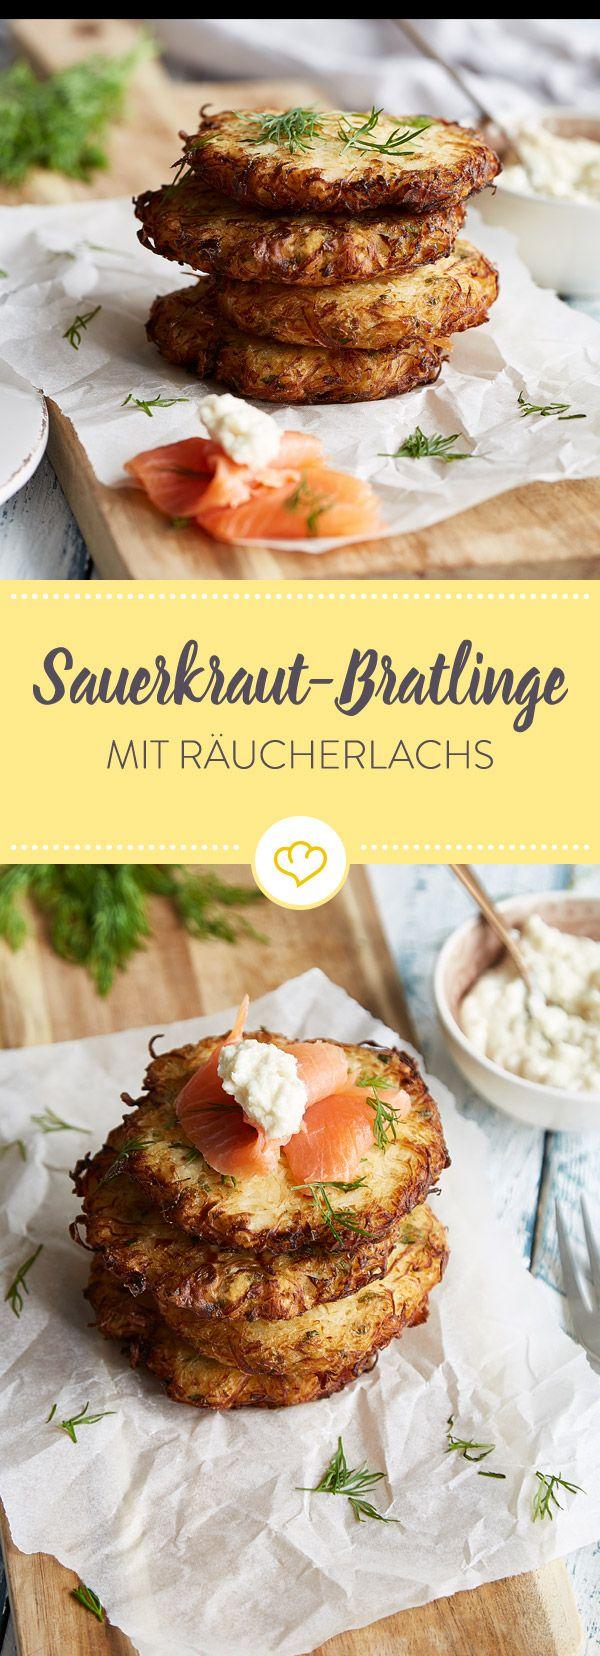 Sauerkraut ist Oldschool? Nicht, wenn du es als Bratling knusprig röstest und mit frischem Räucherlachs und cremigem Sahnemeerettich servierst.